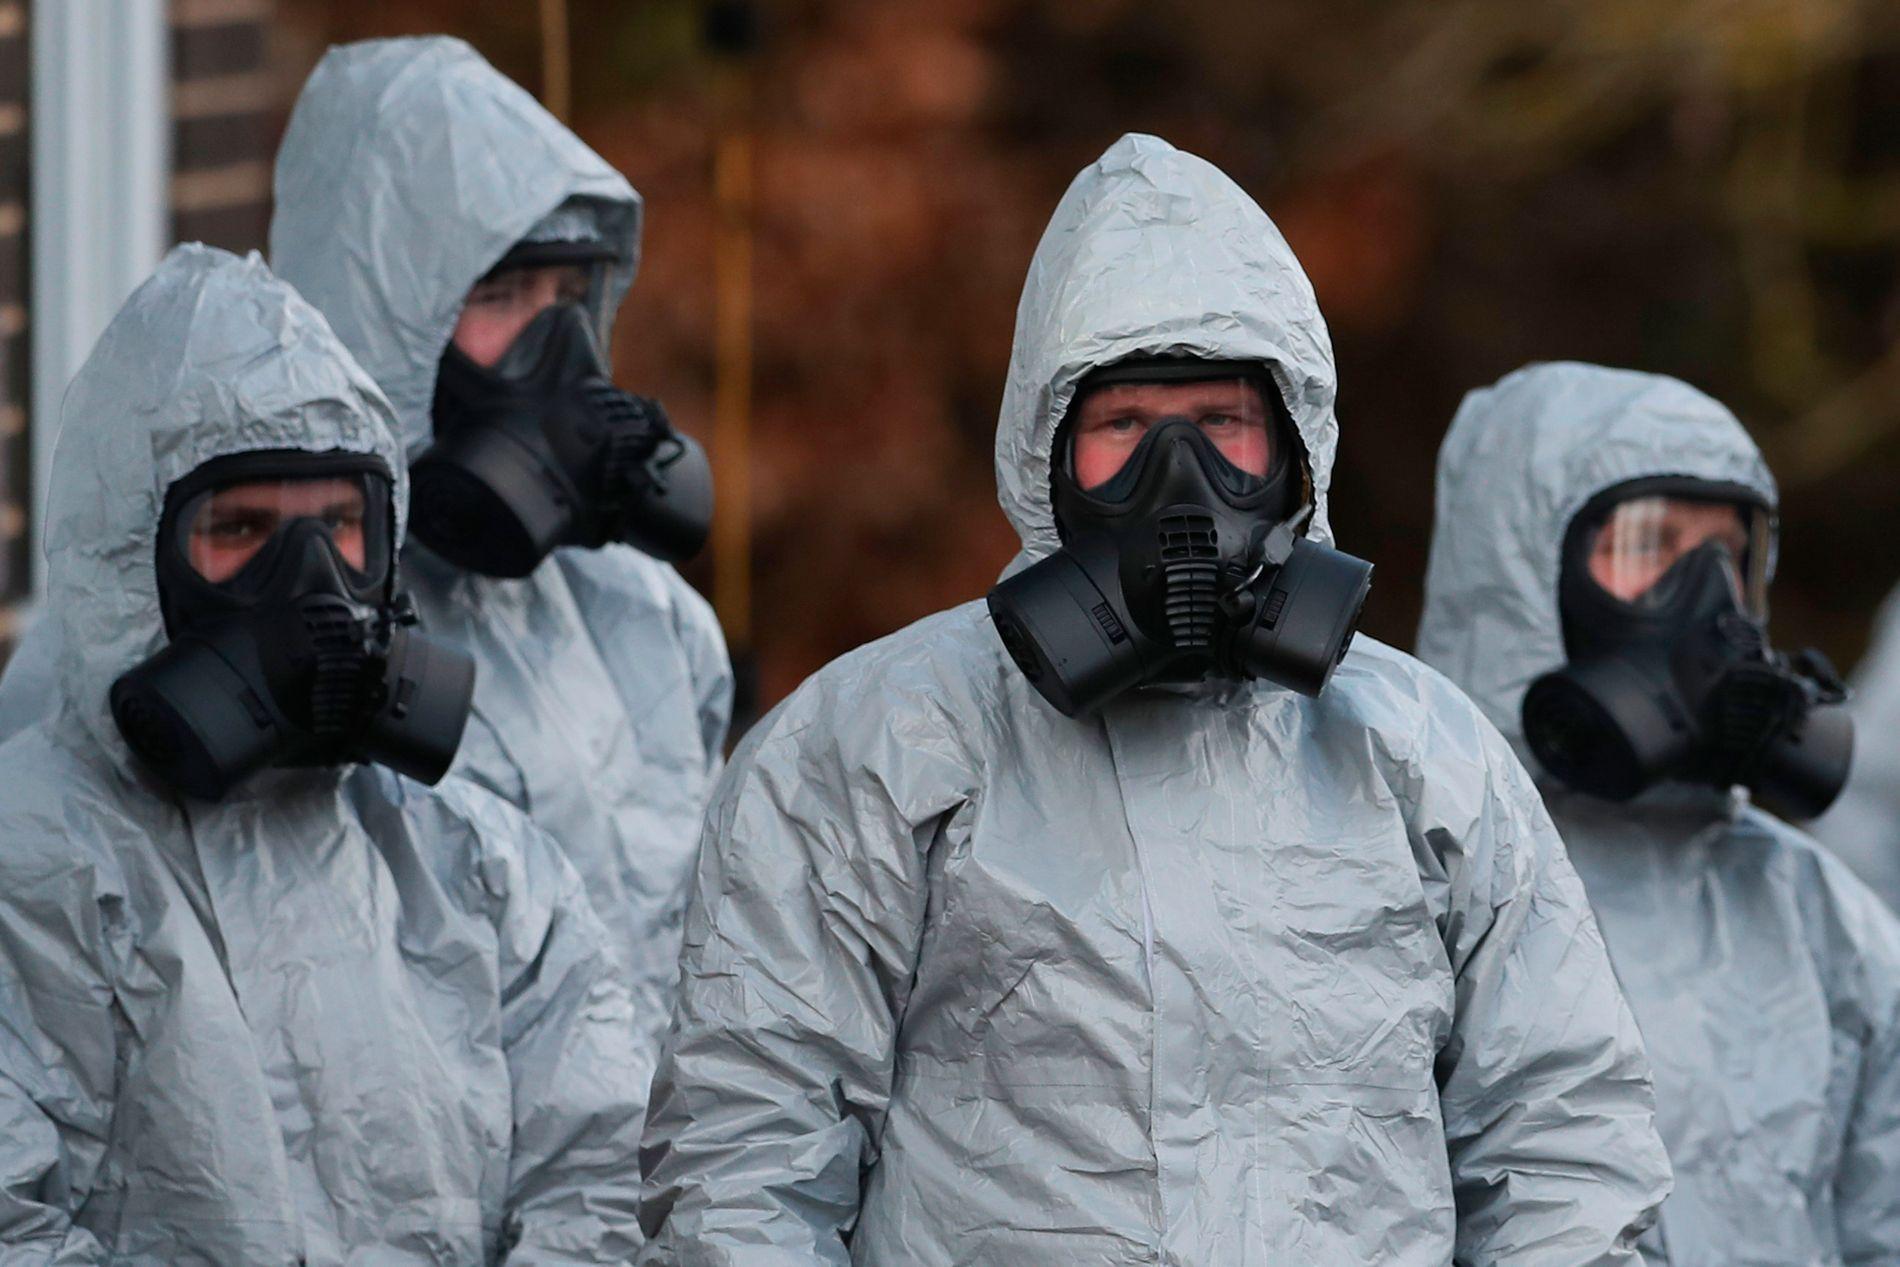 SVÆRT FARLIG: Den britiske antiterrorgruppen beskyttet seg selv med heldekkende drakter da de undersøkte det sjeldne nervemiddelet.